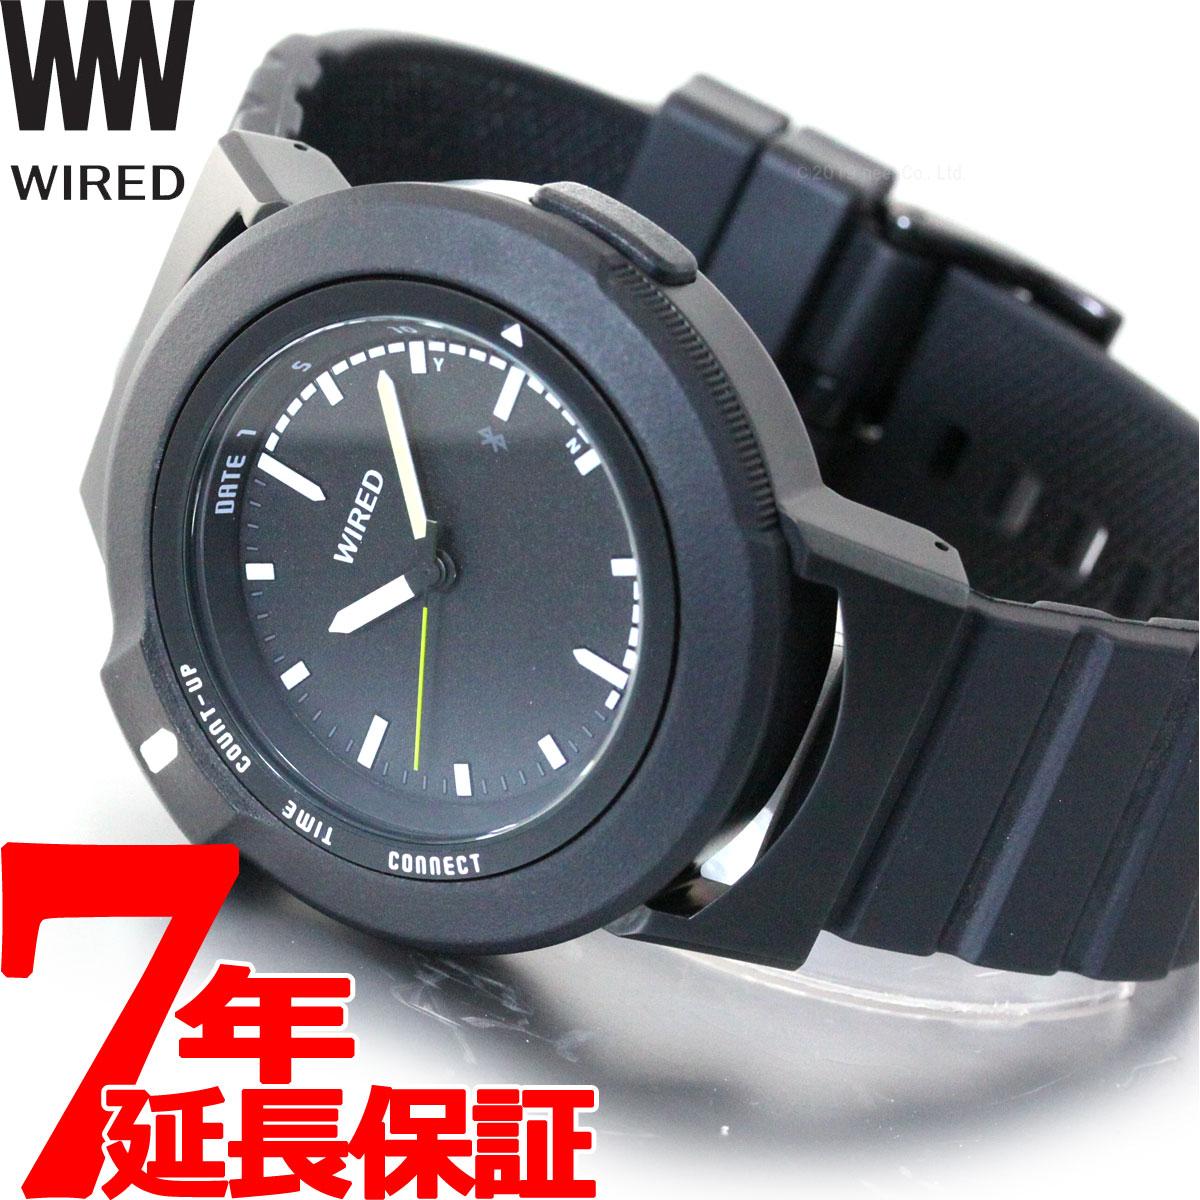 【5日0時~♪2000円OFFクーポン&店内ポイント最大51倍!5日23時59分まで】セイコー ワイアード ツーダブ SEIKO WIRED WW スマートウォッチ Bluetooth 腕時計 メンズ レディース TYPE01 AGAB401